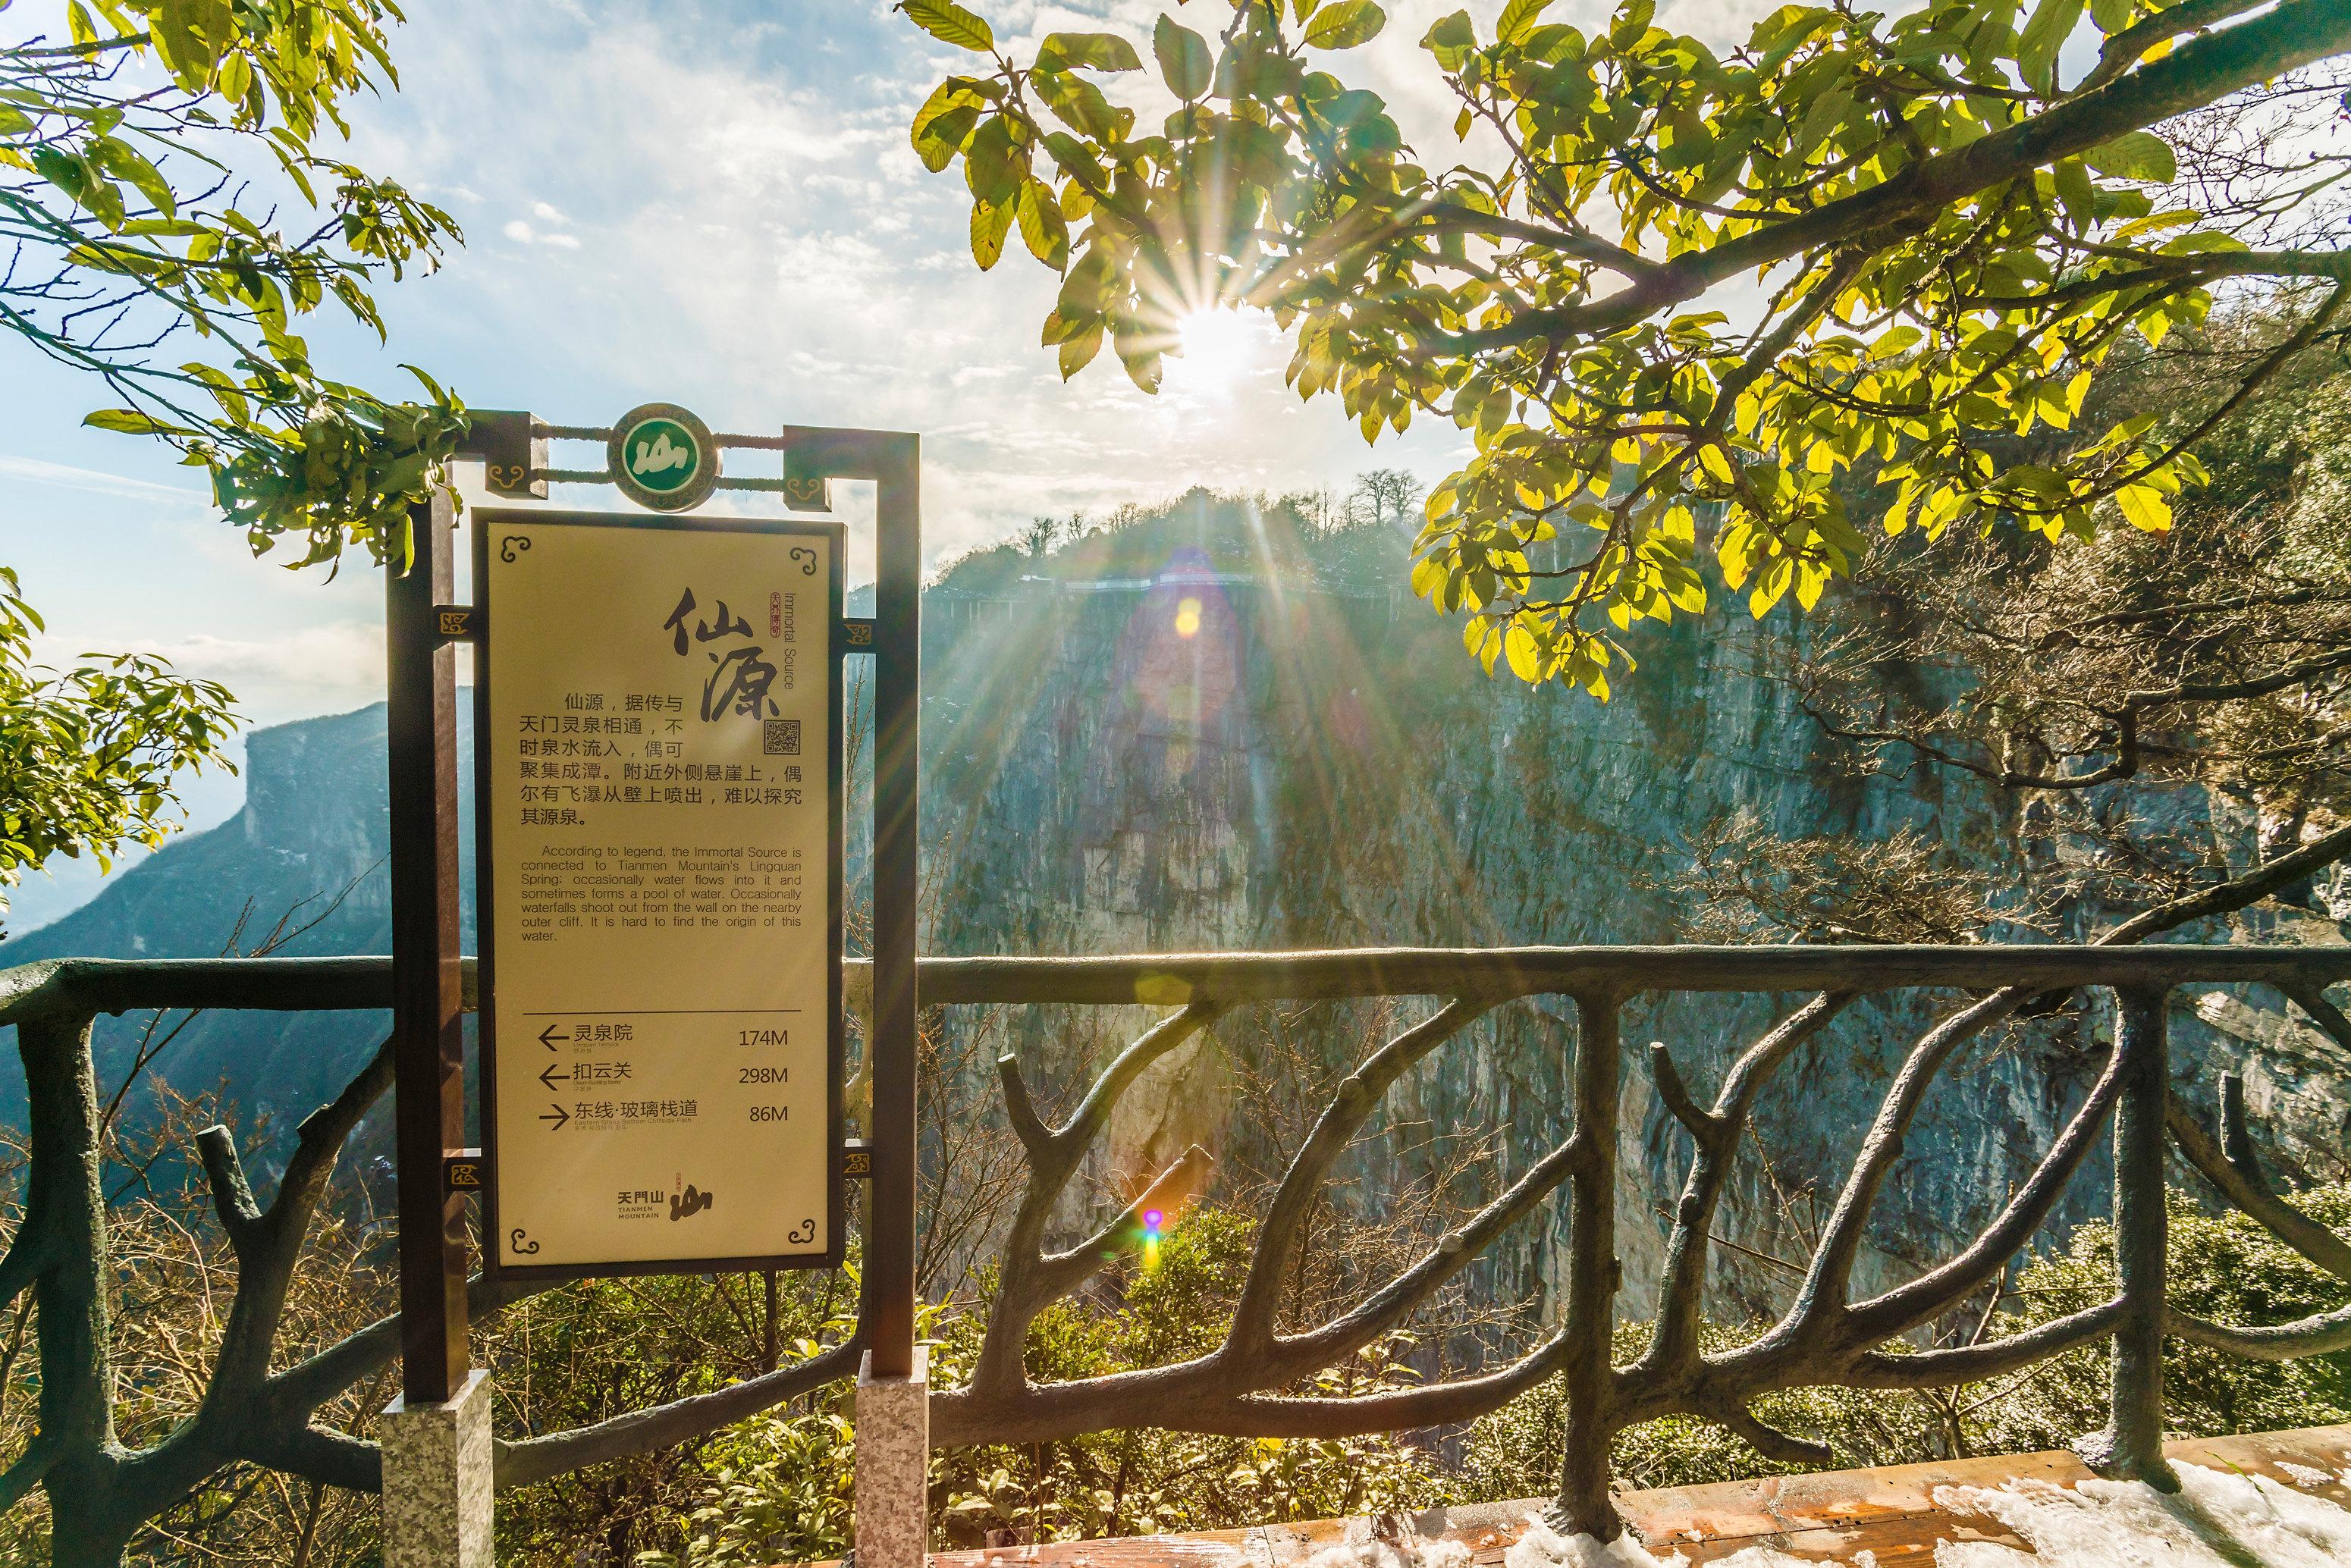 張家界天門山國家森林公園+天門山玻璃棧道+鬼谷棧道一日遊(市區免費接送 可獨立成團)